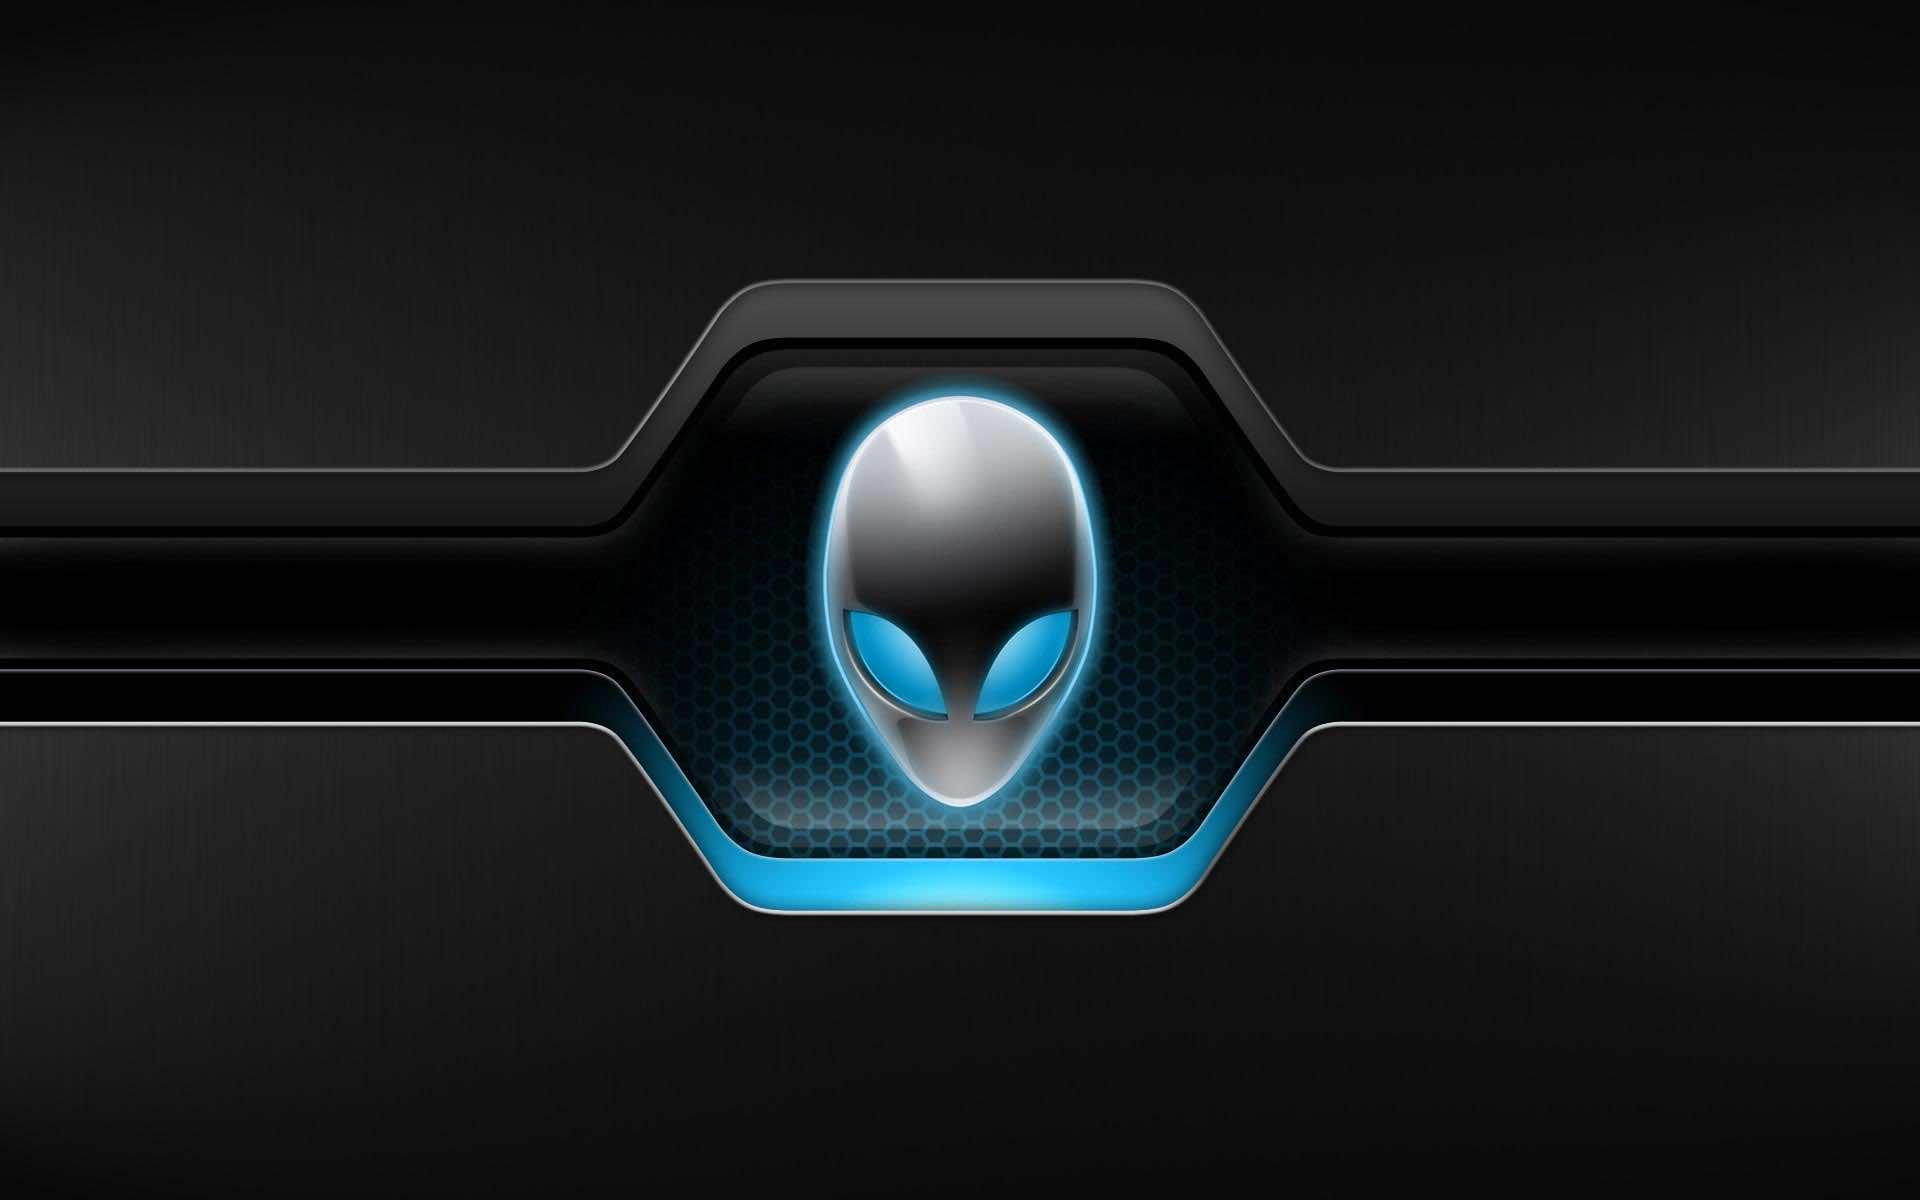 HD Alienware Wallpapers 1920x1080